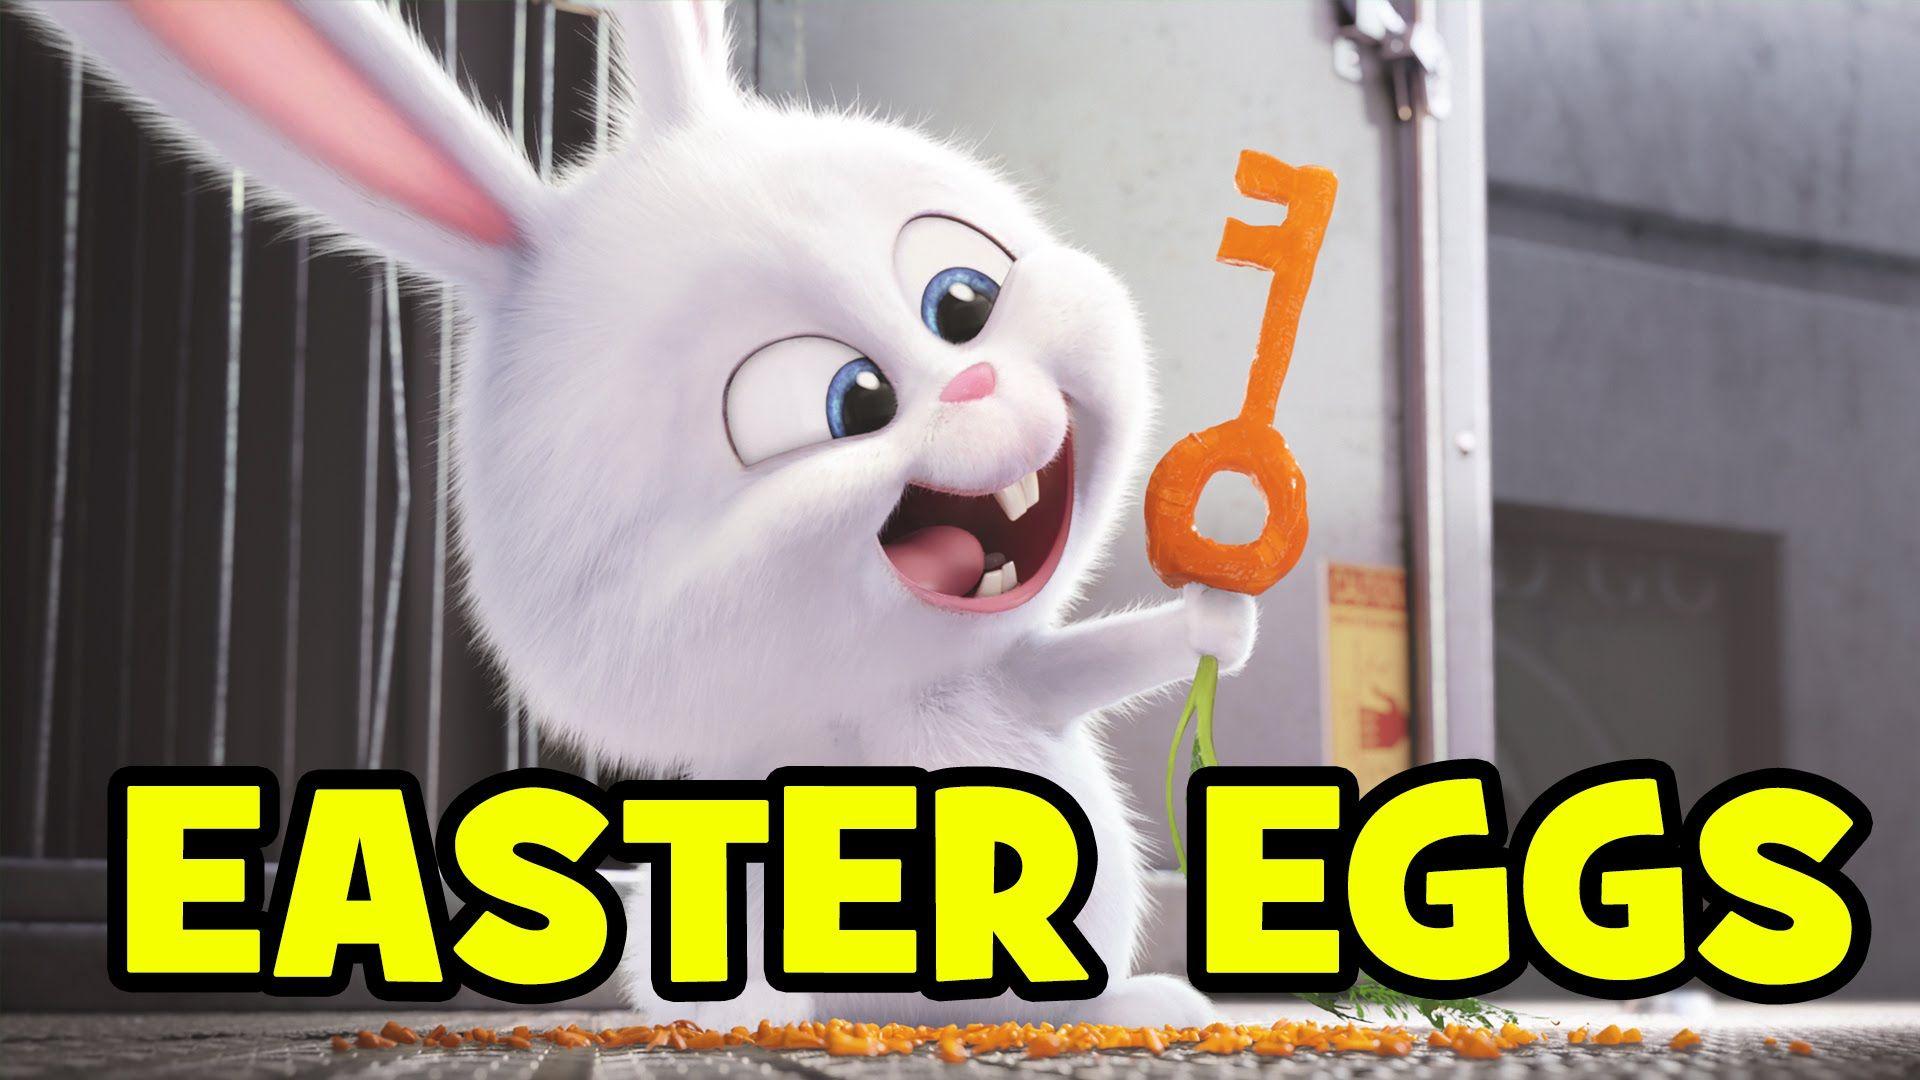 The Secret Life Of Pets Easter Eggs Secret Cameos Minions Despicabl Secret Life Of Pets Cute Disney Wallpaper Cute Bunny Cartoon